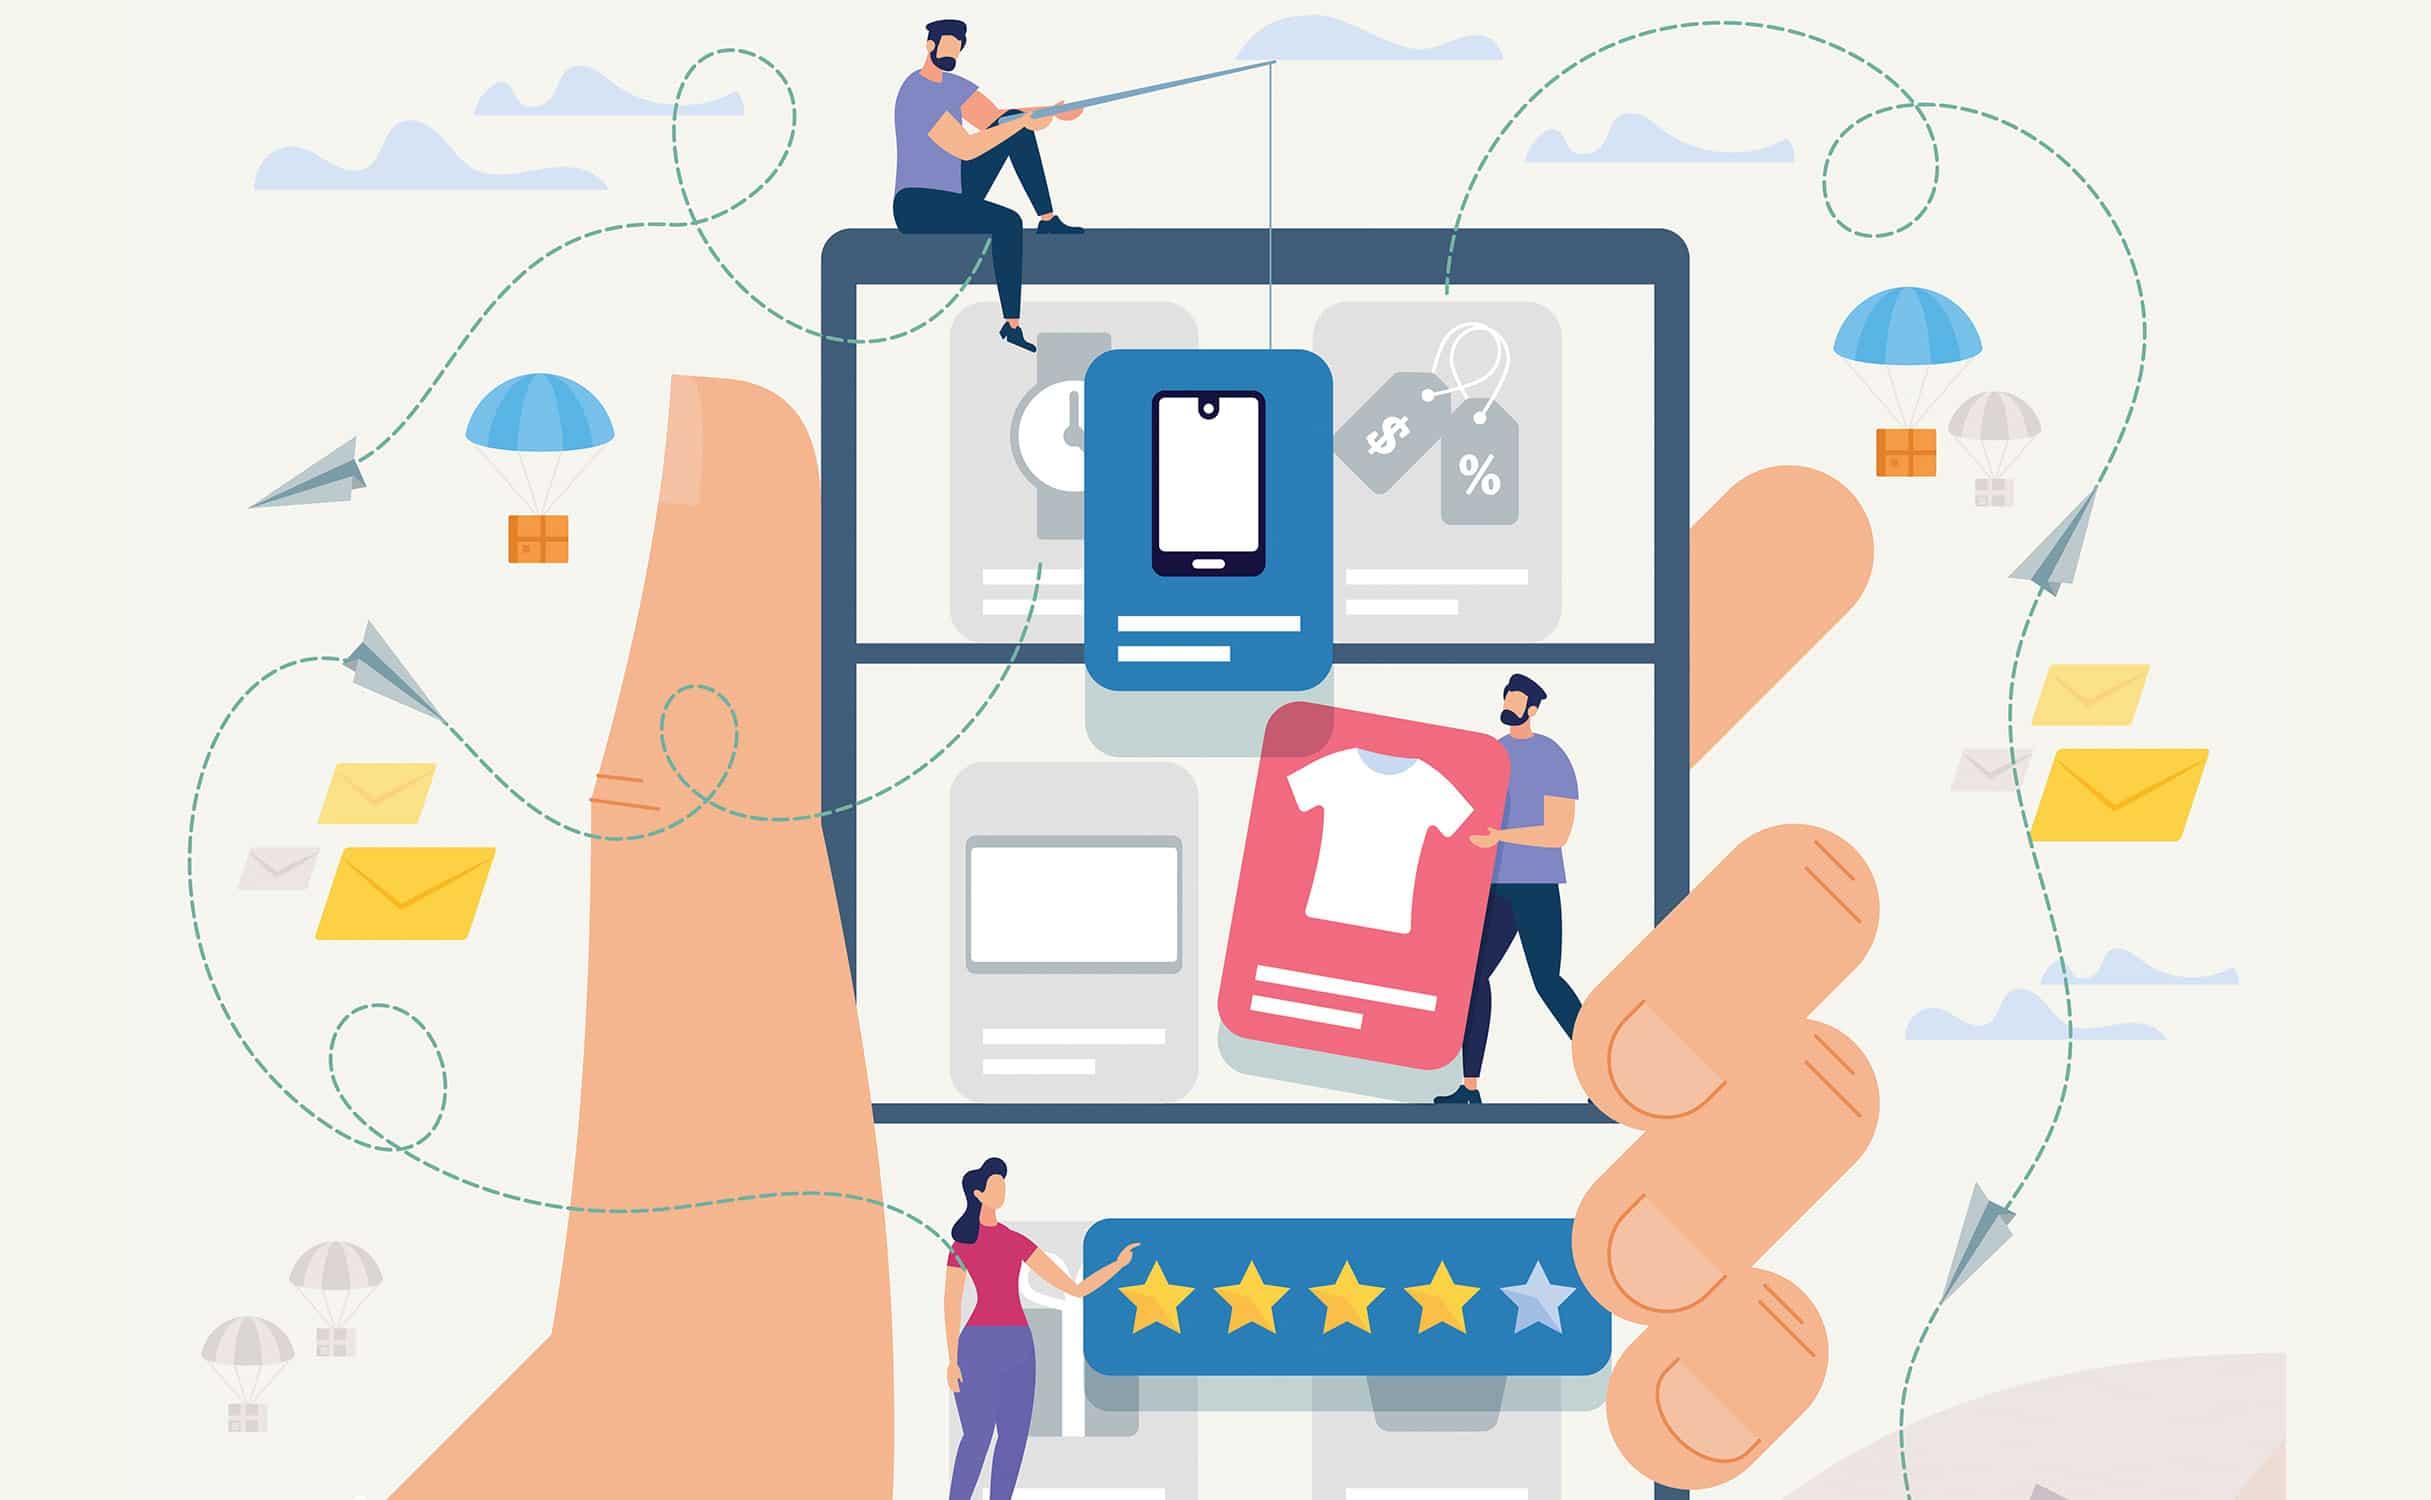 sklep online na urządzeniach mobile